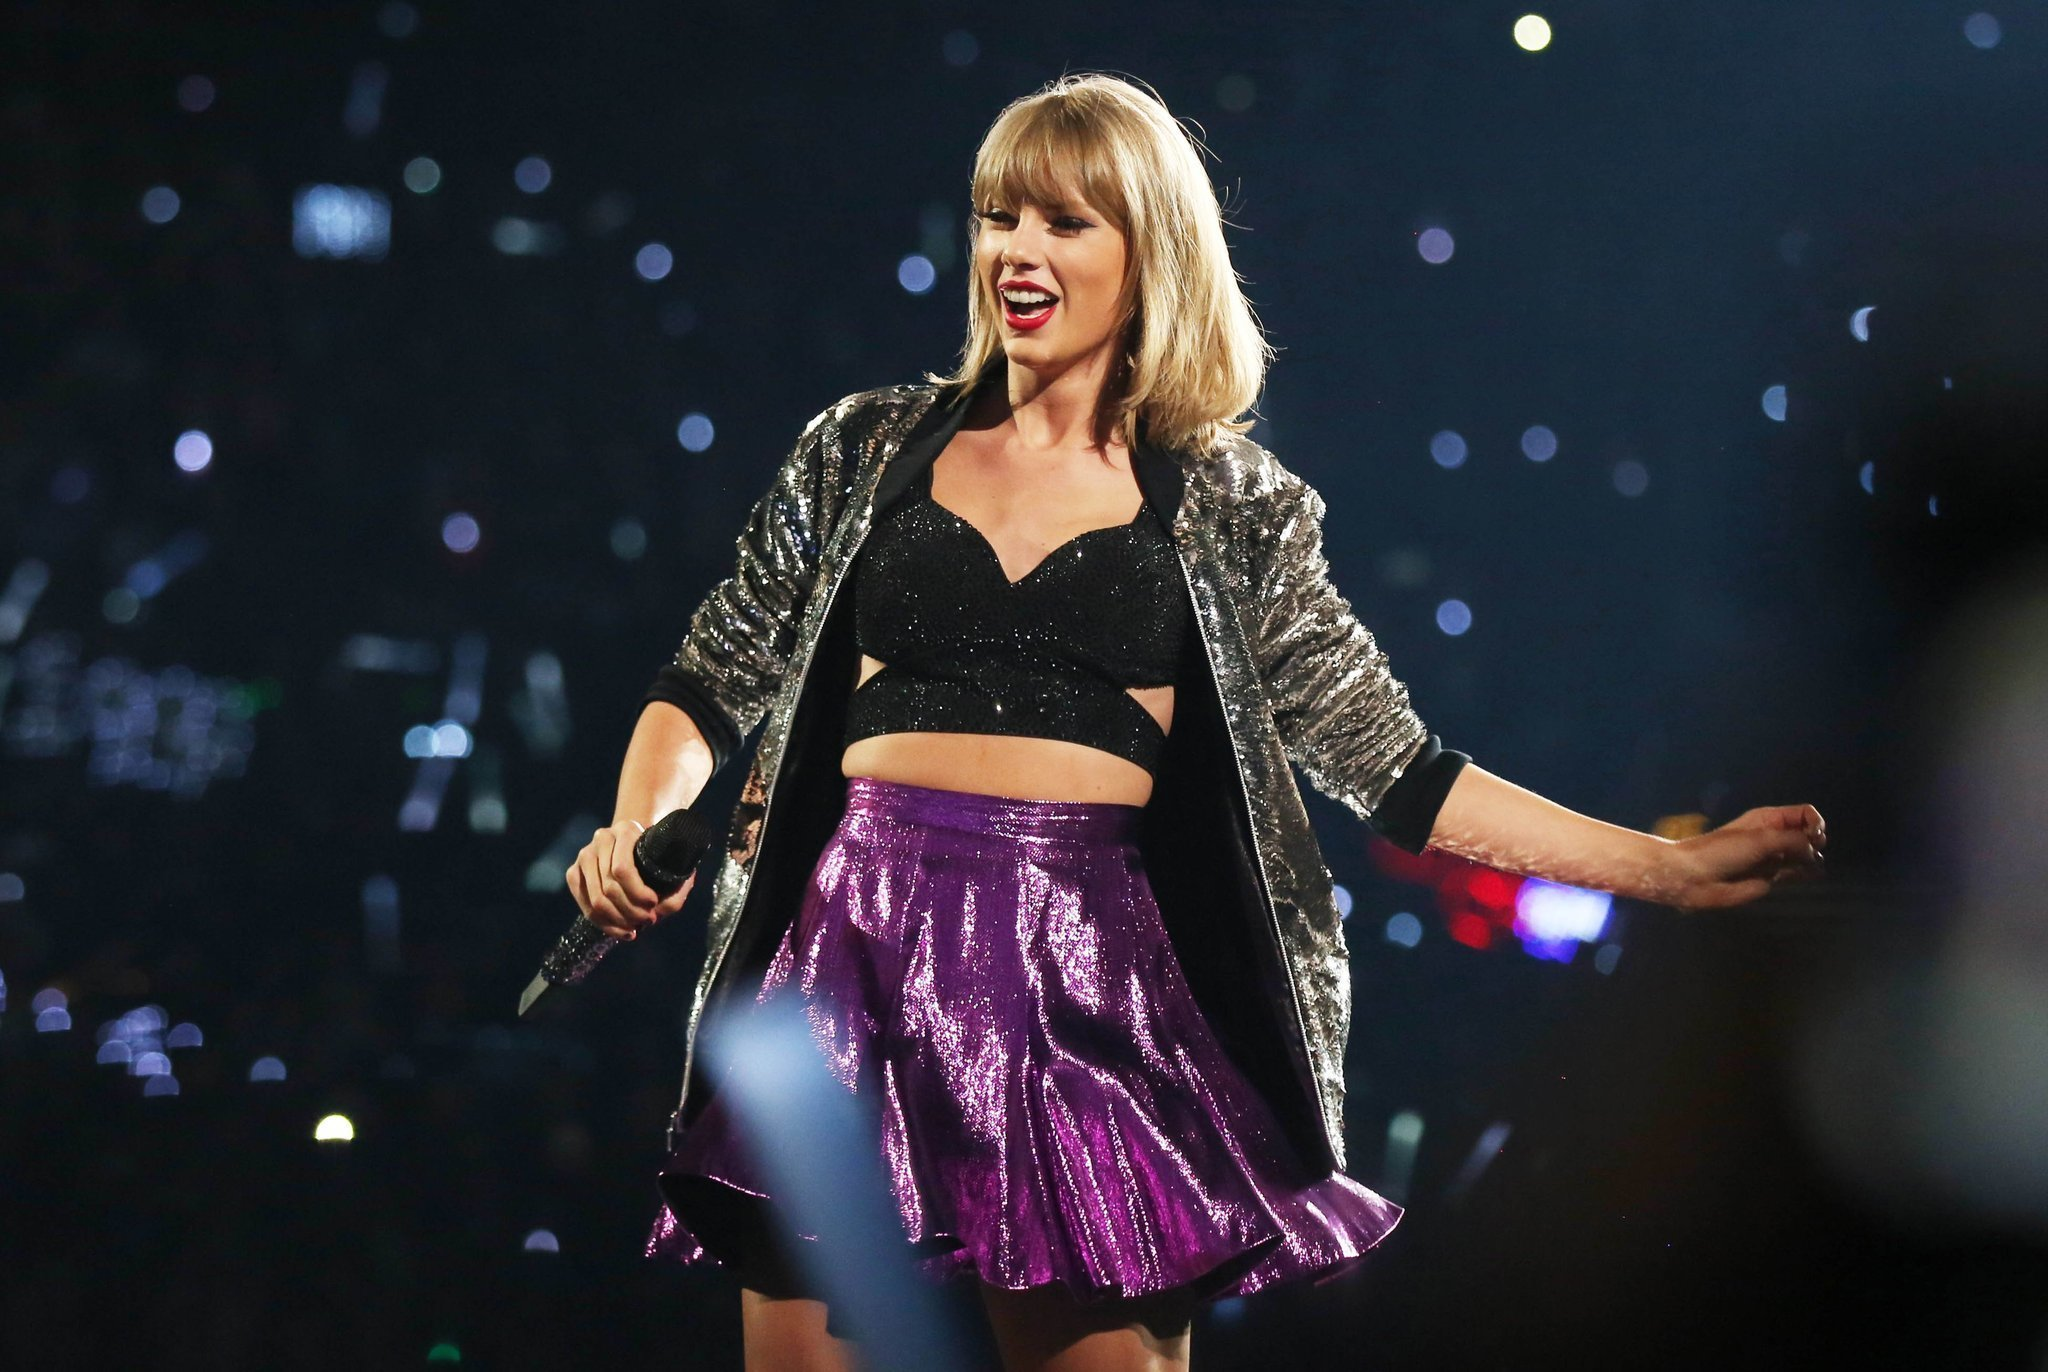 Taylor swift tour dates 1989